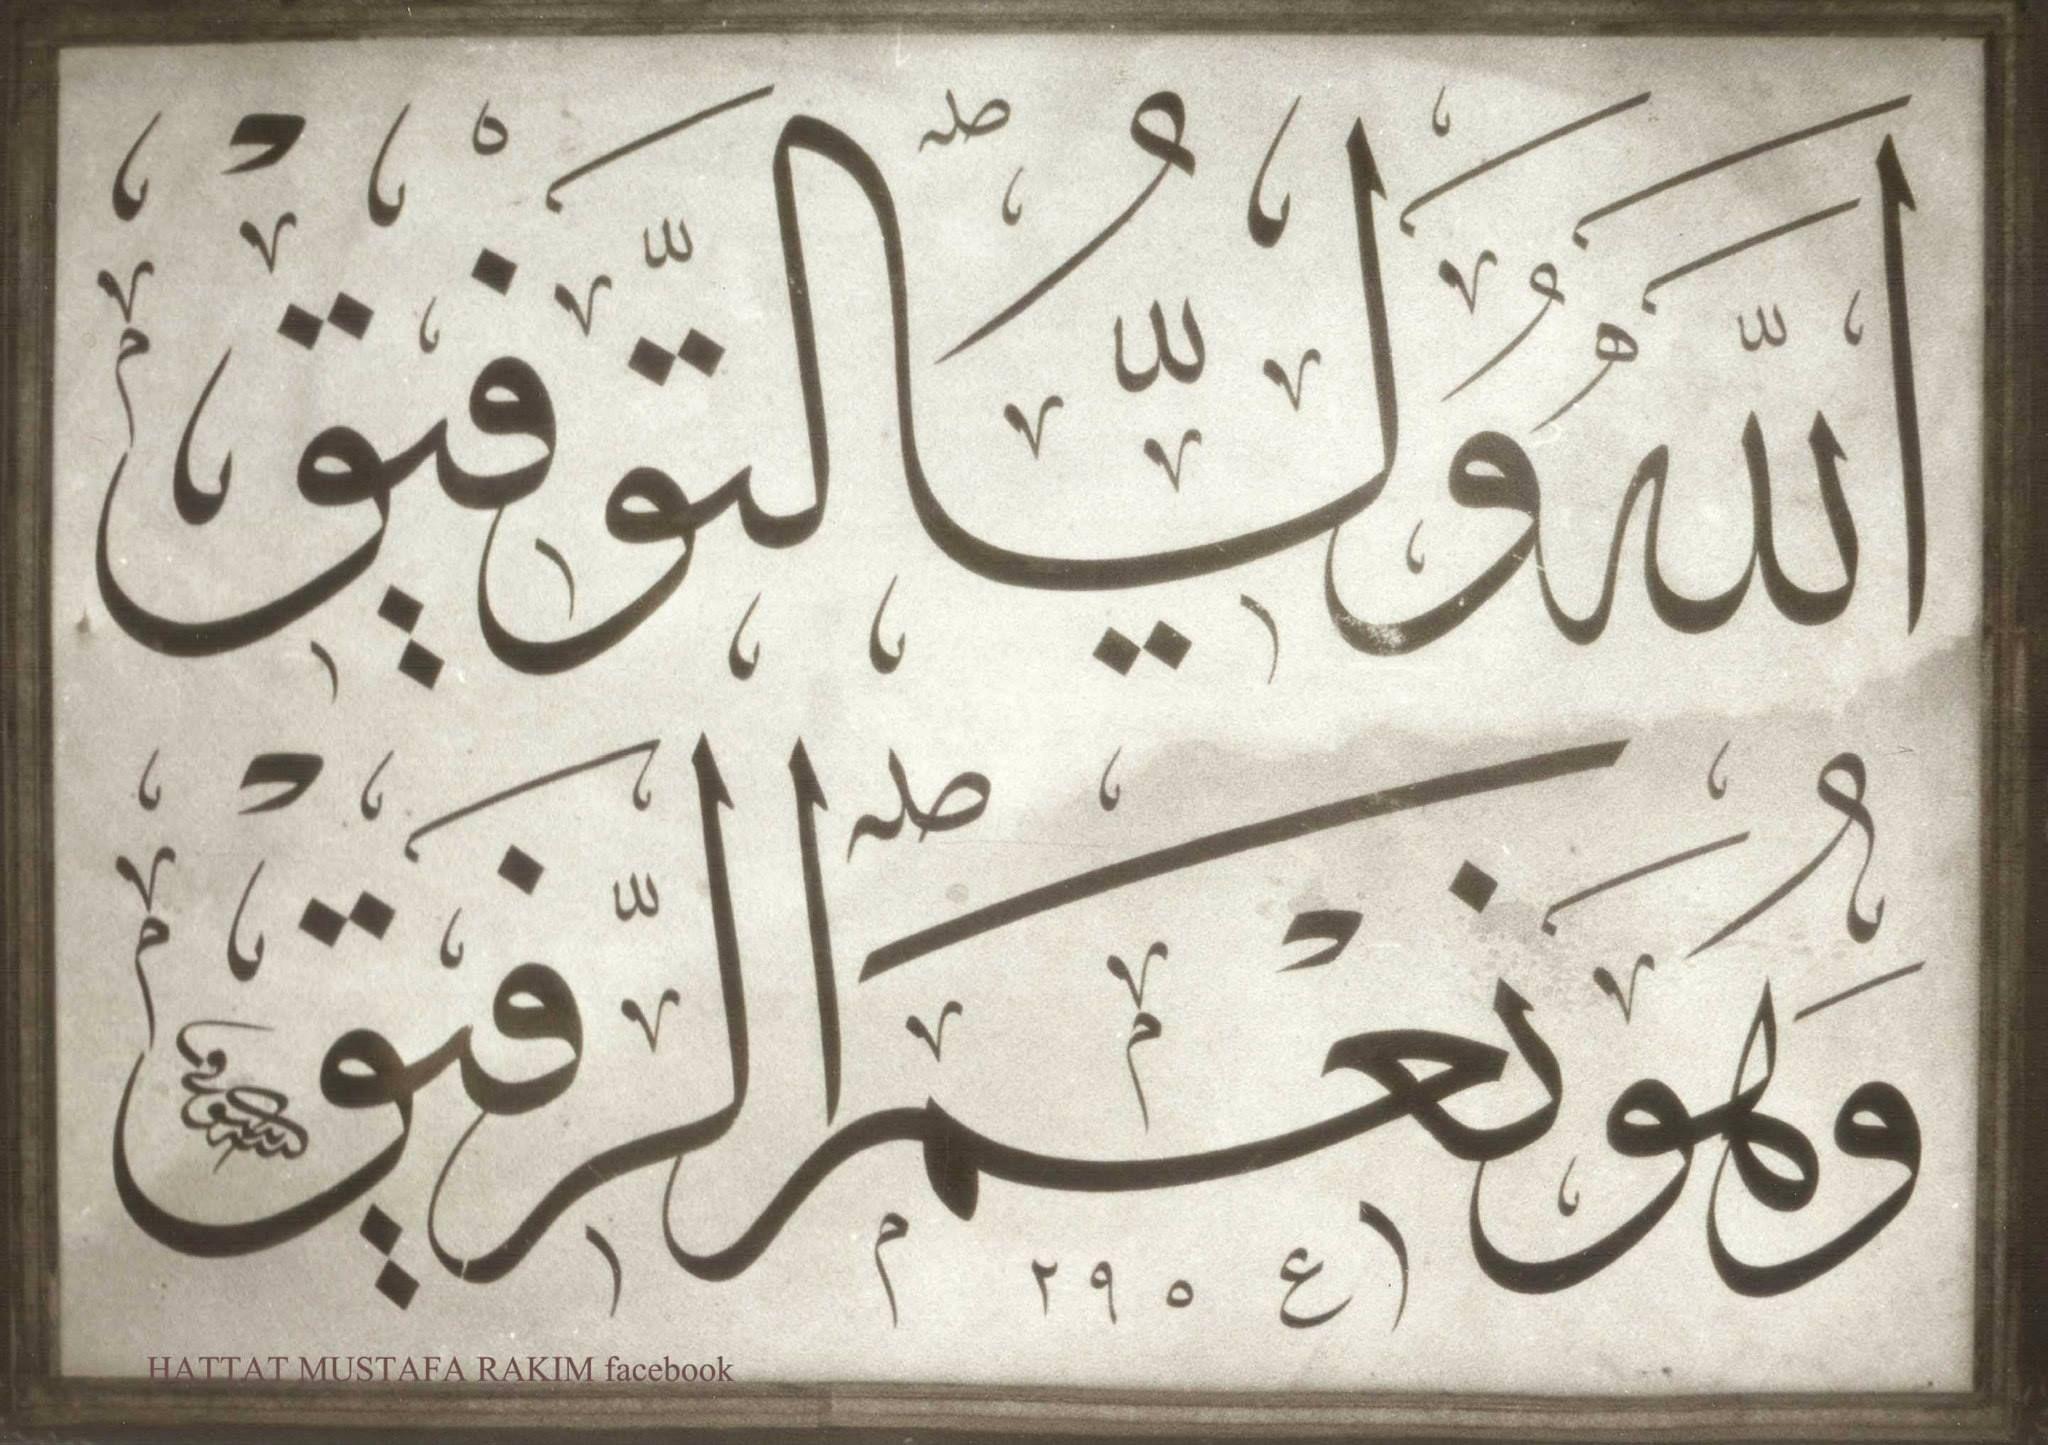 Hattat Mustafa Rakim بسم الله الرحمن الرحيم Basariyi Saglayan Allah Tir O En I Islami Sanat Sanat Tezhip